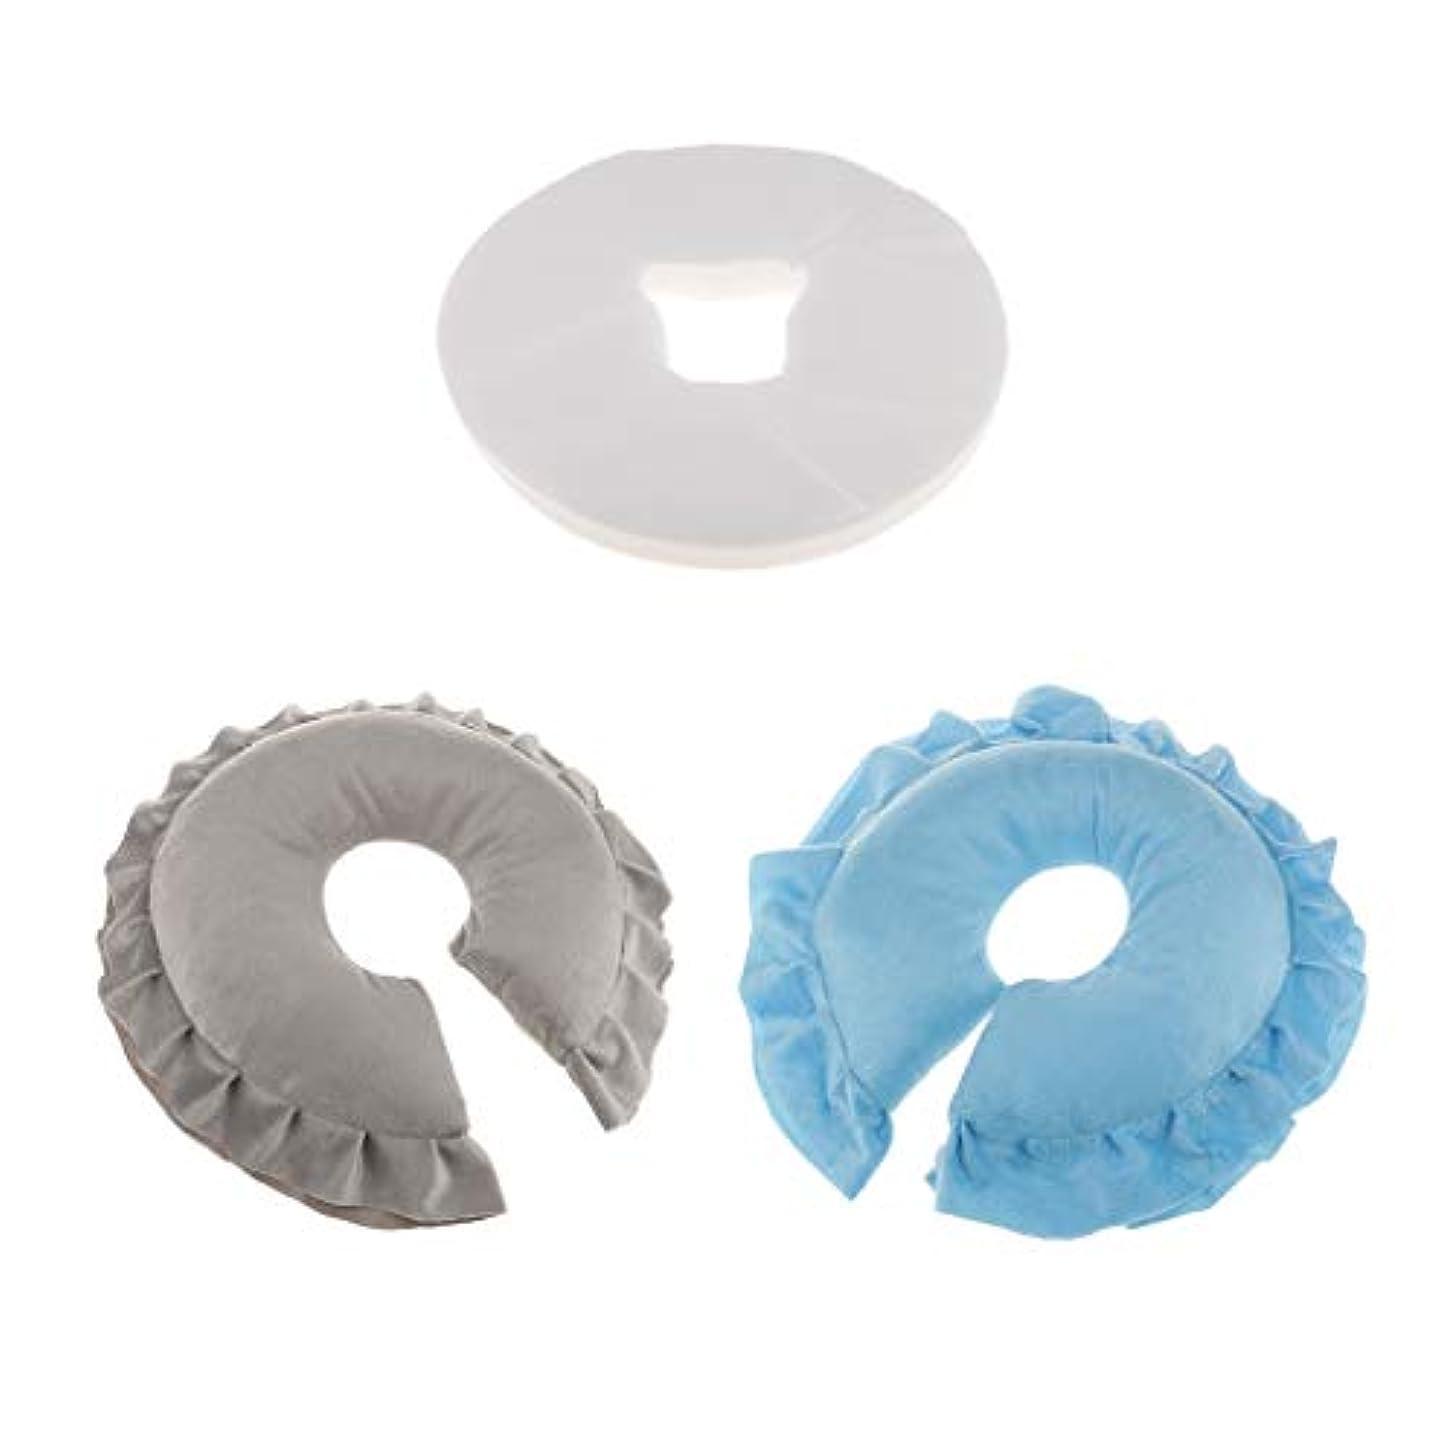 ミュウミュウ予防接種する分割フェイスクッション マッサージ枕 100個使い捨てクッションカバー付 柔らかく快適 2個入